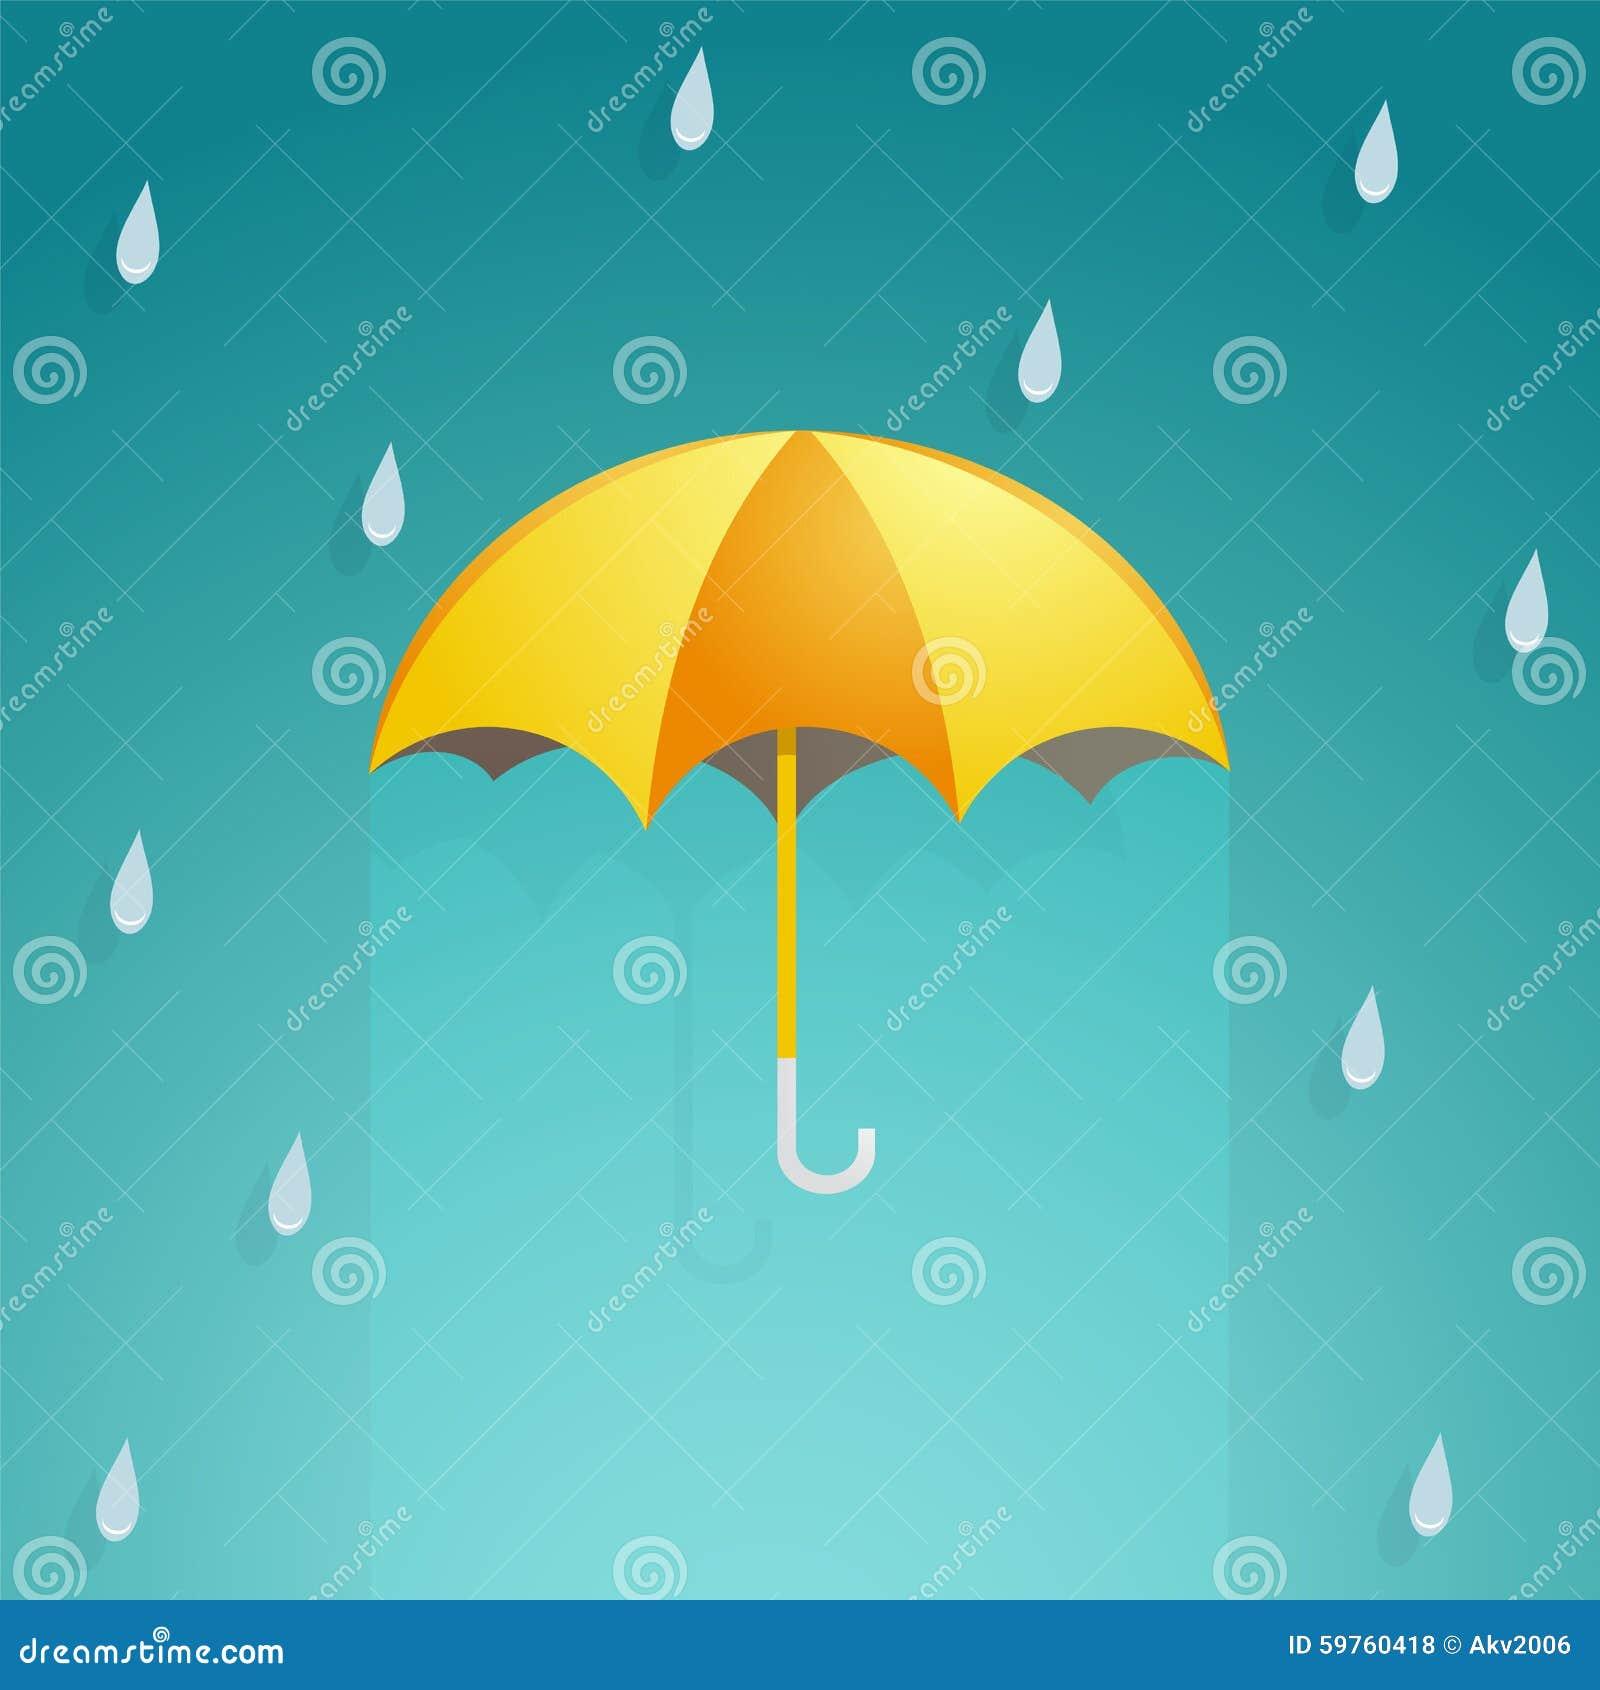 Rainy umbrella cartoon